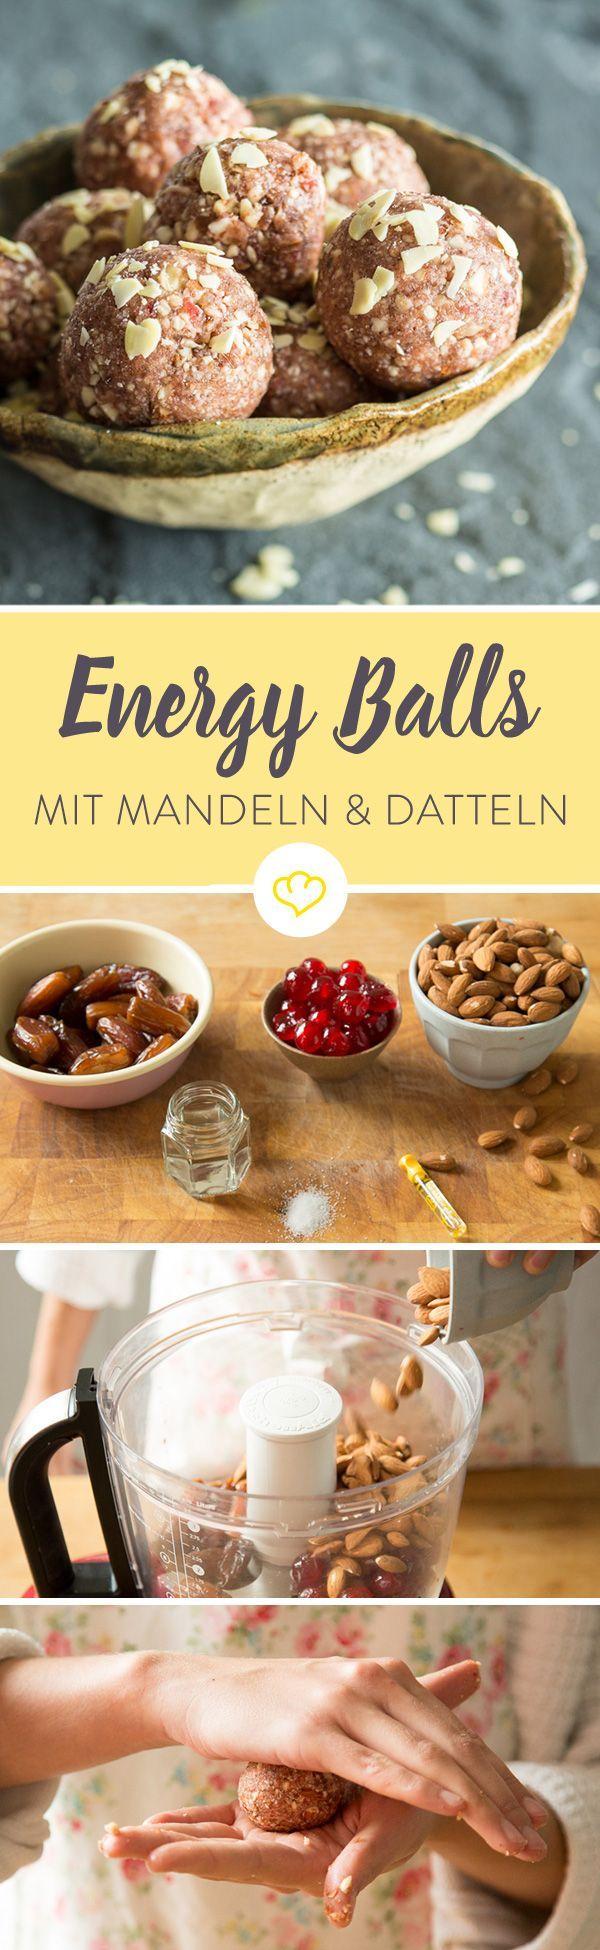 Gegen das Nachmittagstief oder einfach so: Energy Balls machen glücklich. Du kannst deine gesunden Pralinen nach Herzenslust verfeinern.